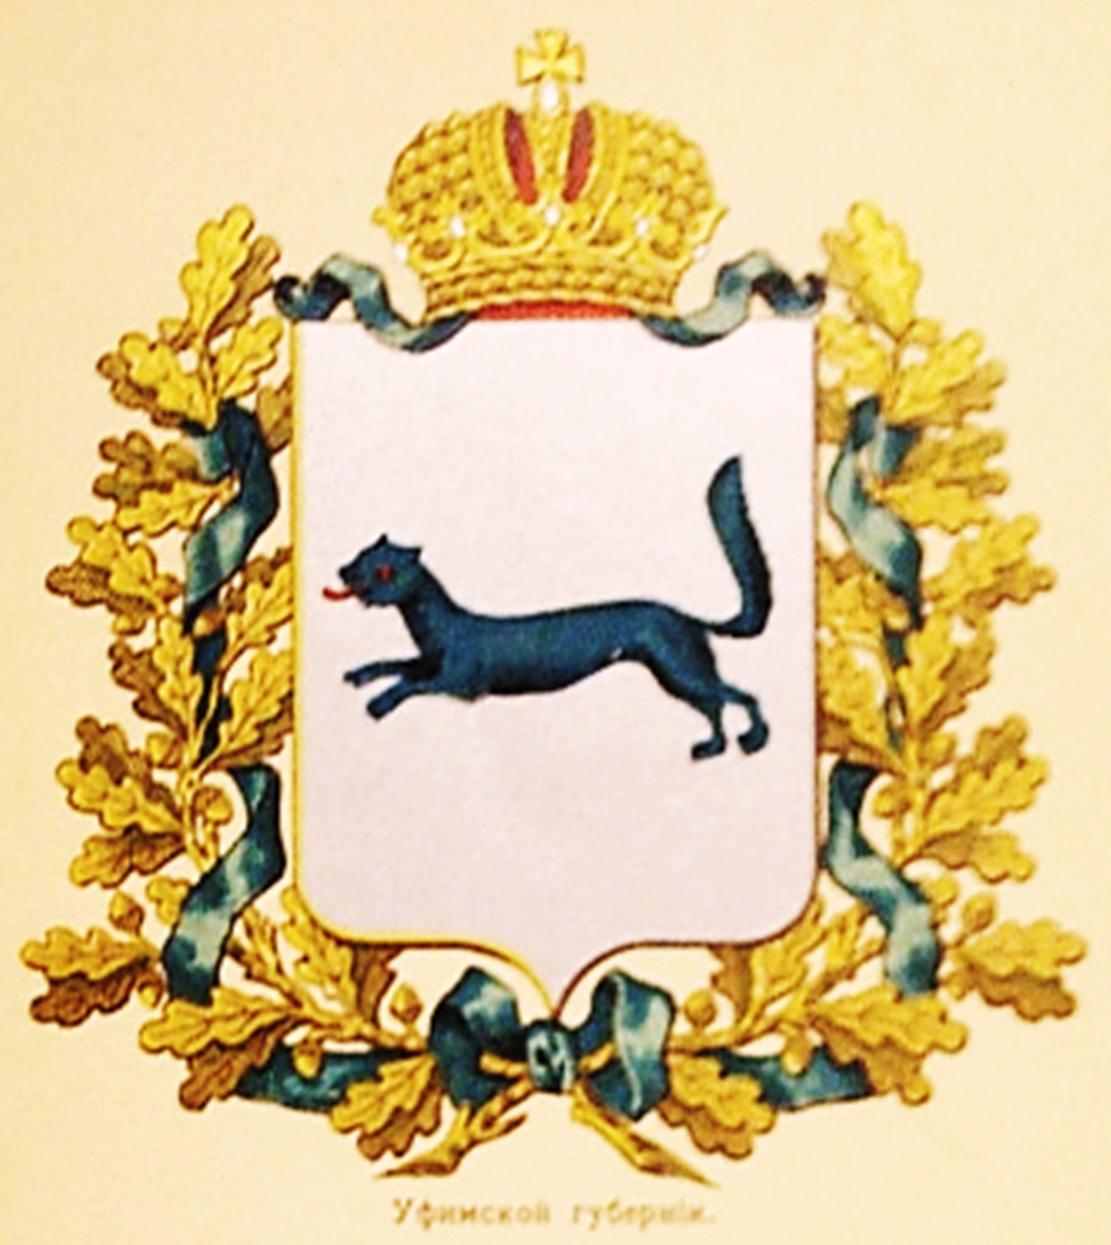 Герб Уфимской губернии